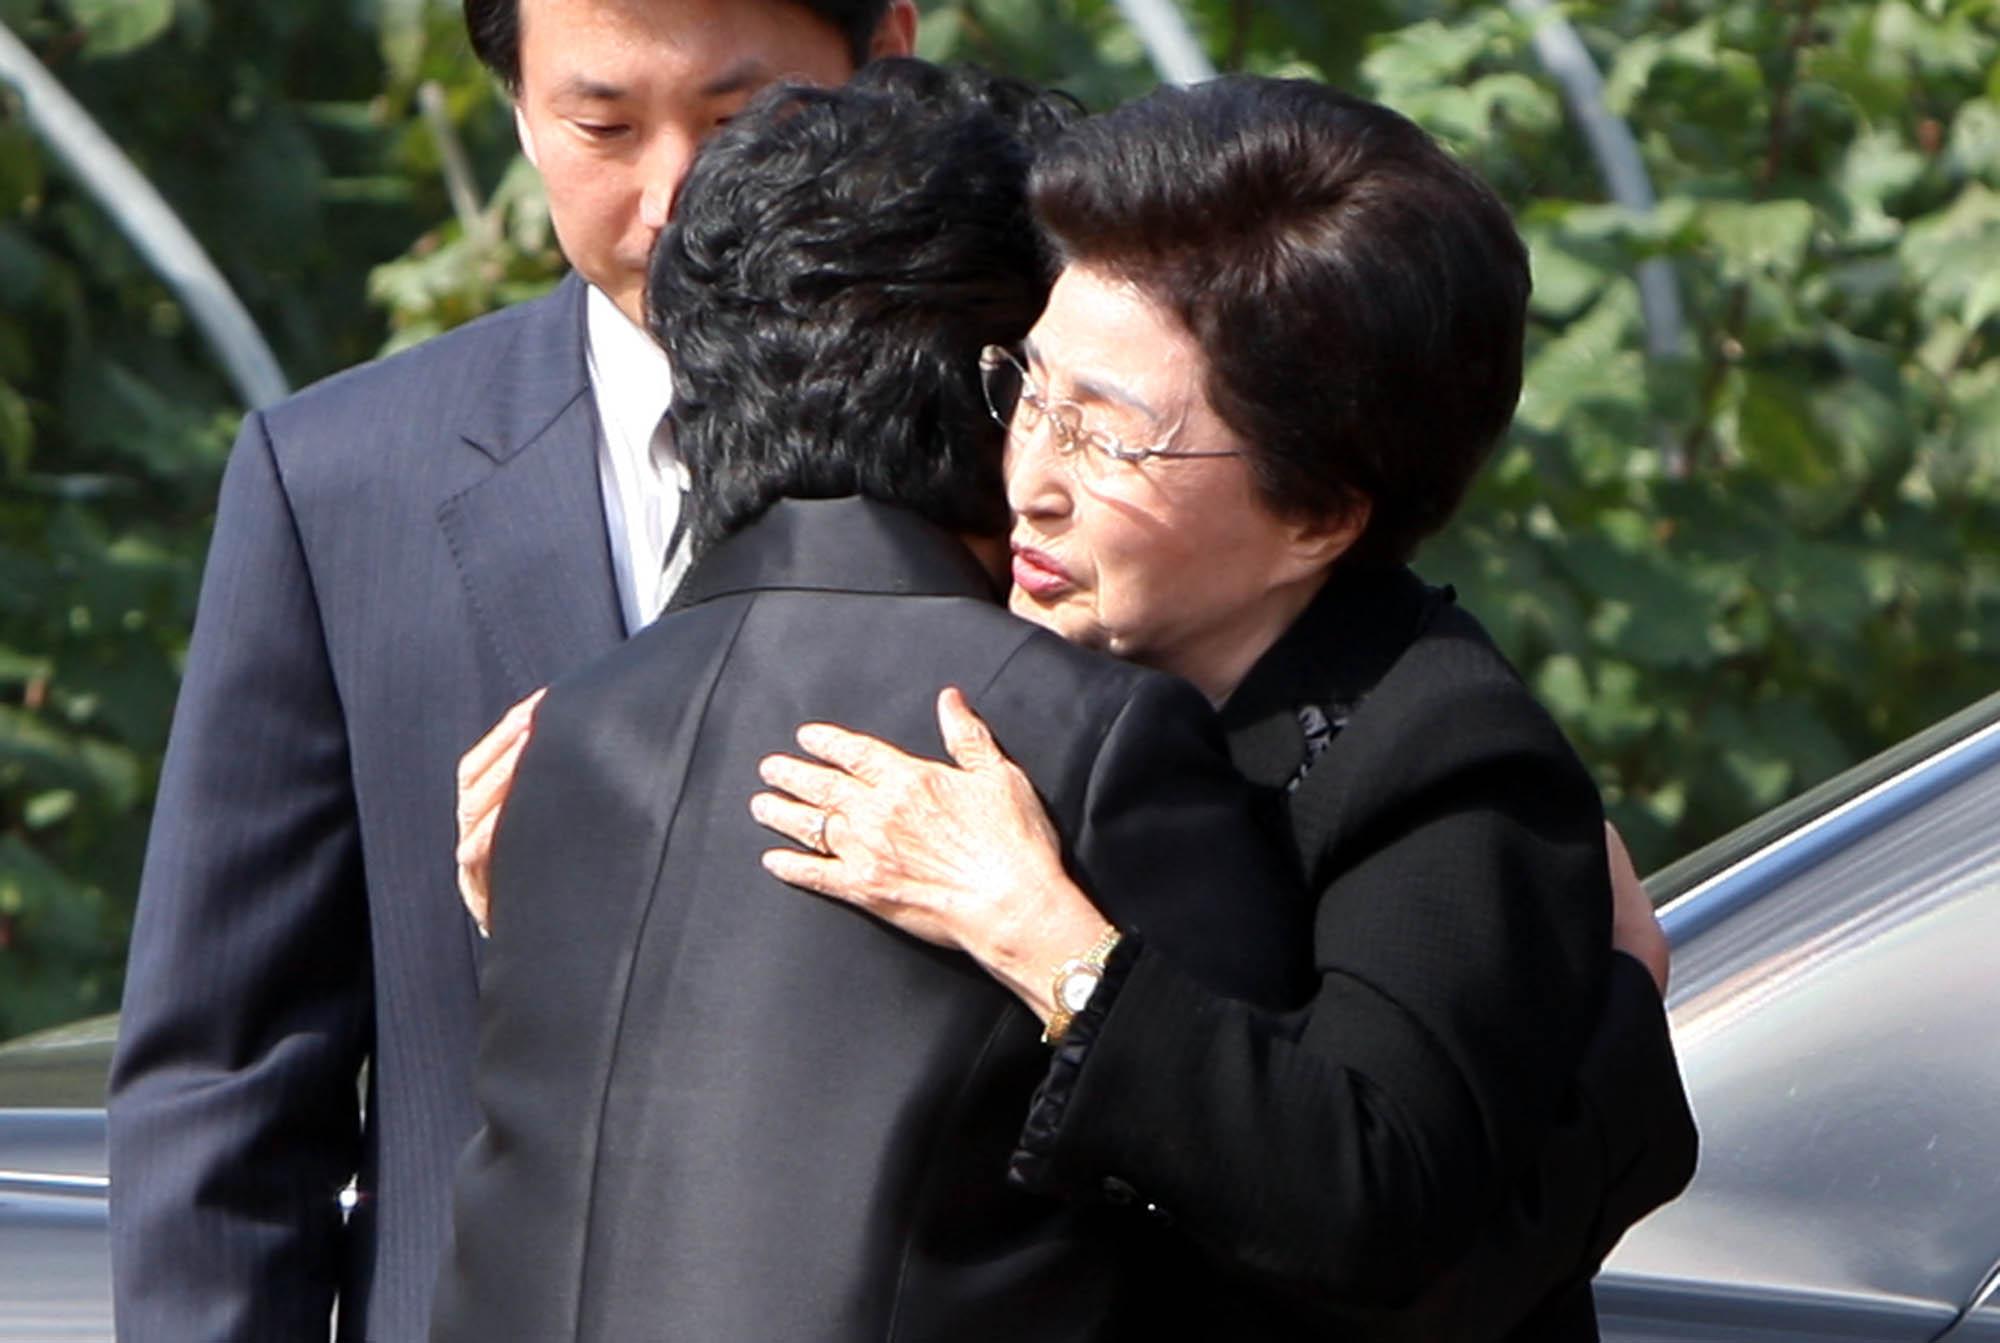 2009년 10월 21일 이희호 여사(오른쪽)가 경남 김해 봉하마을을 처음으로 방문해 권양숙 여사를 안고 있다. [연합뉴스]